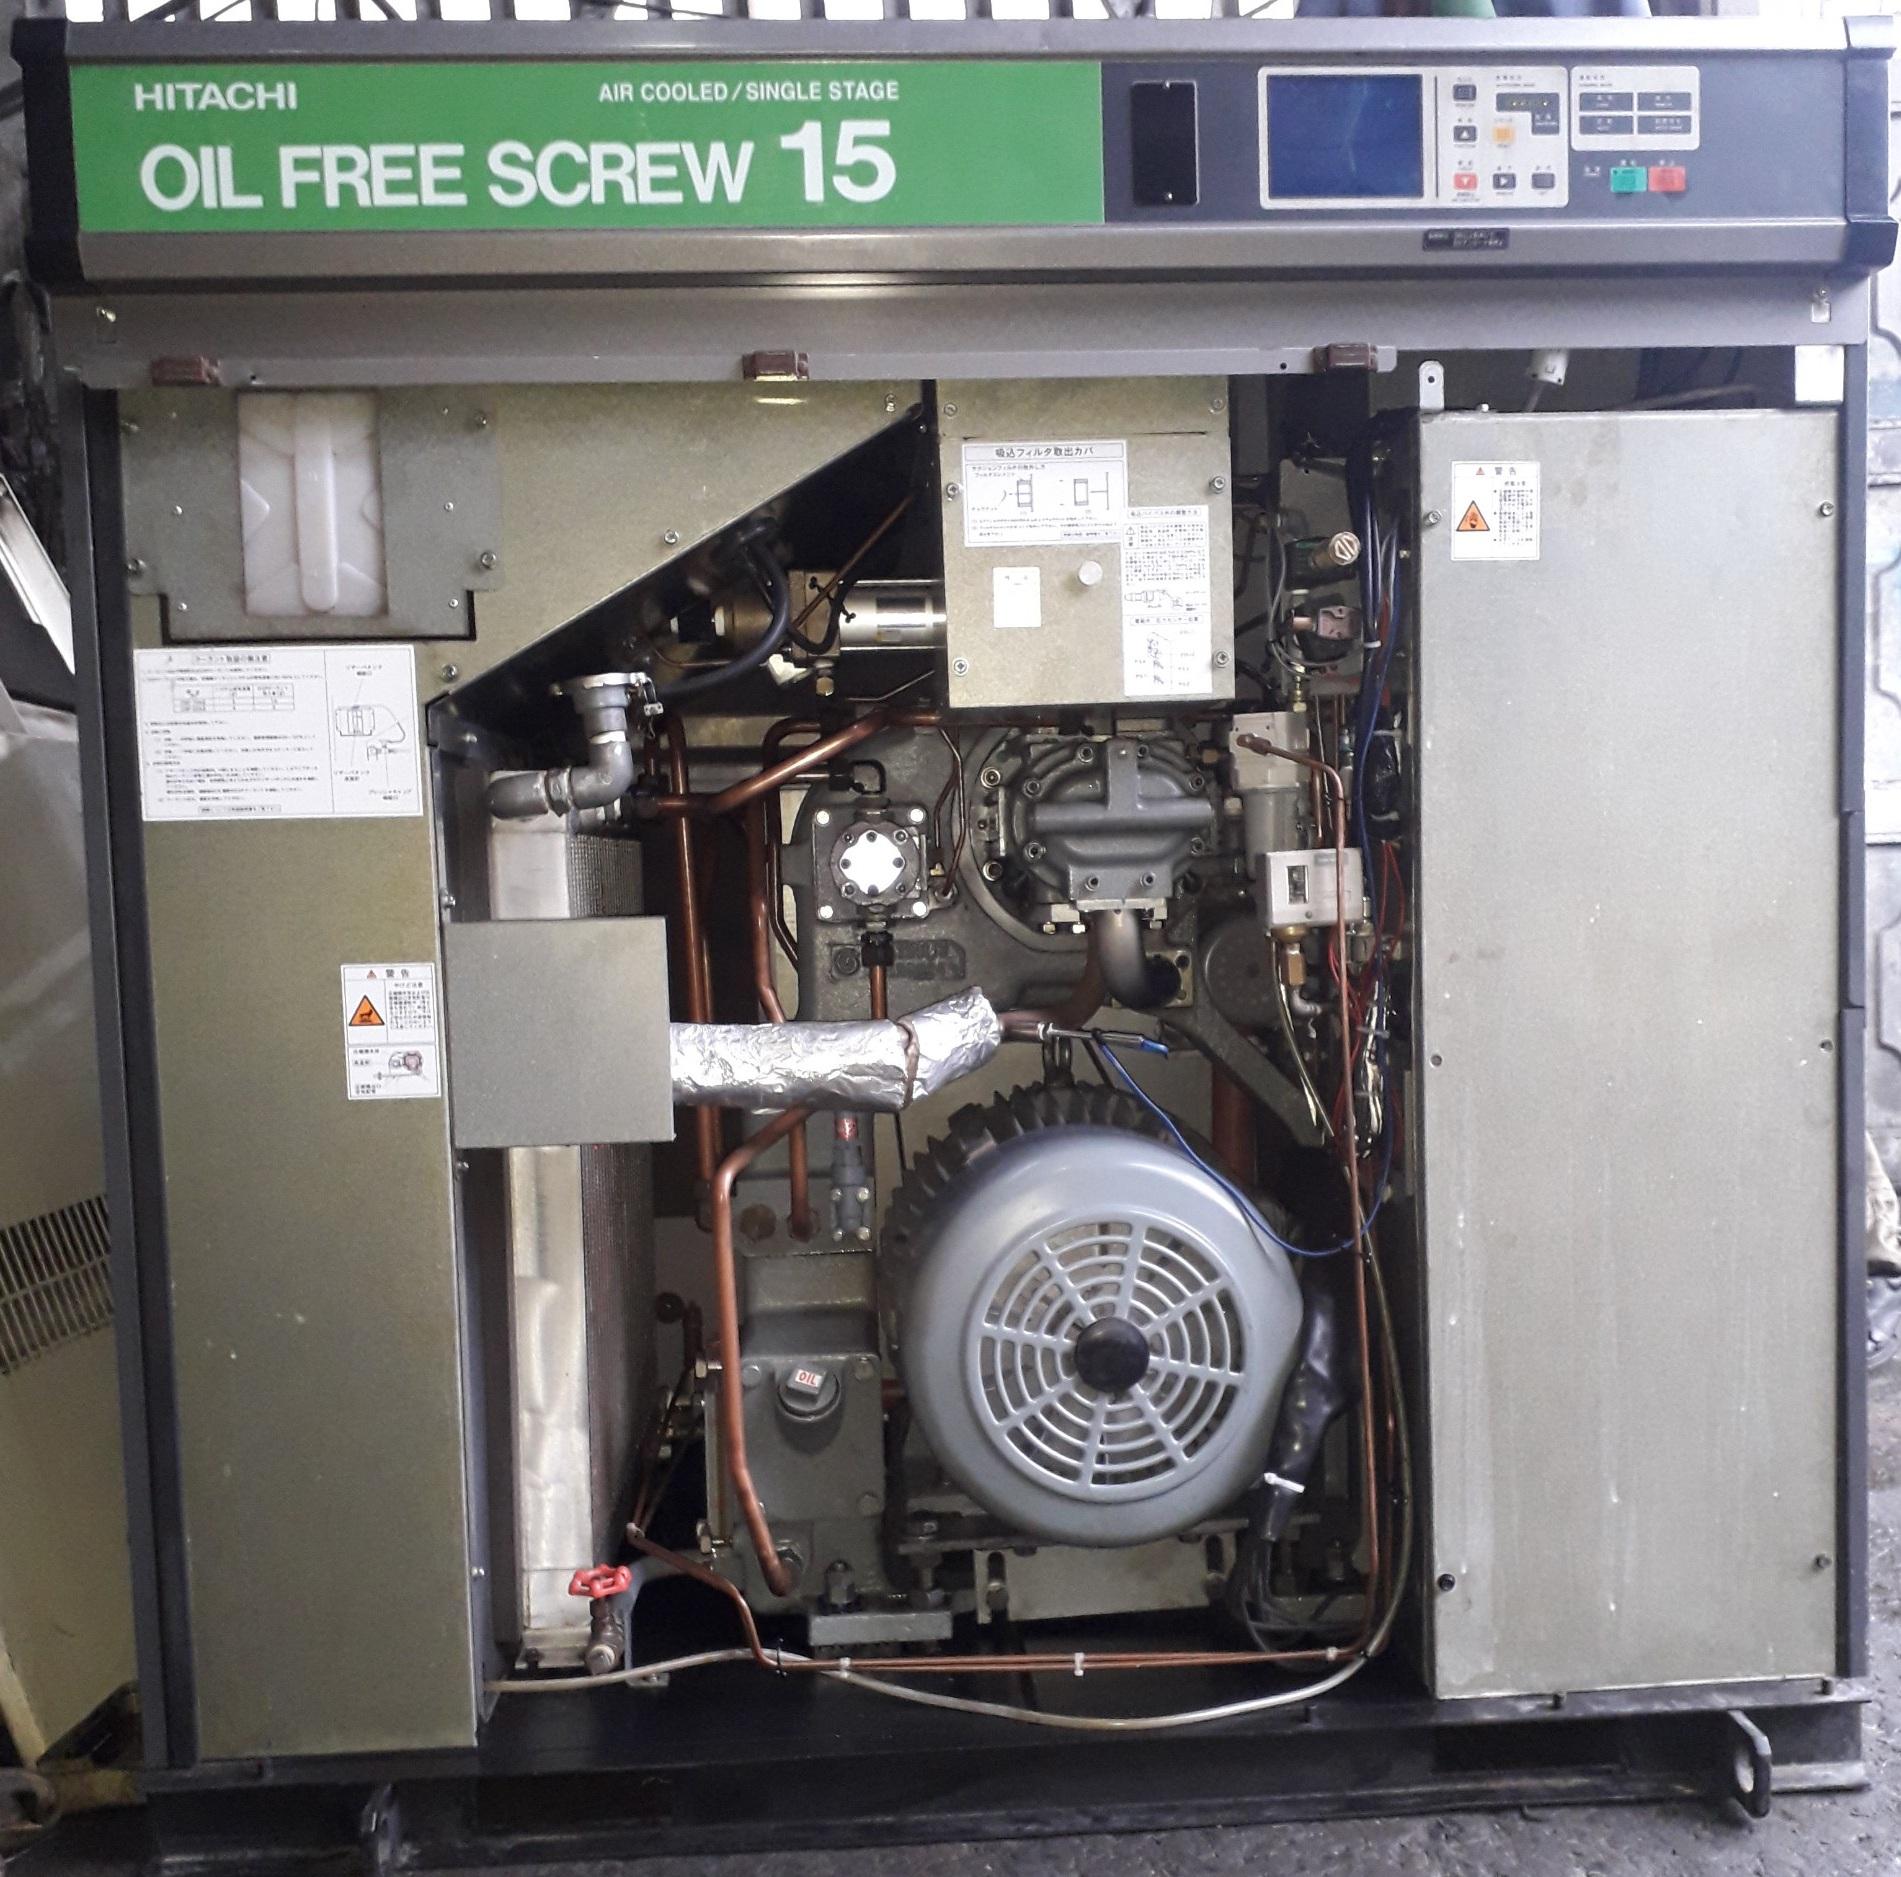 máy nén khí không dầu Hitachi Nhật bãi 15 kw, khí sạch giá rẻ